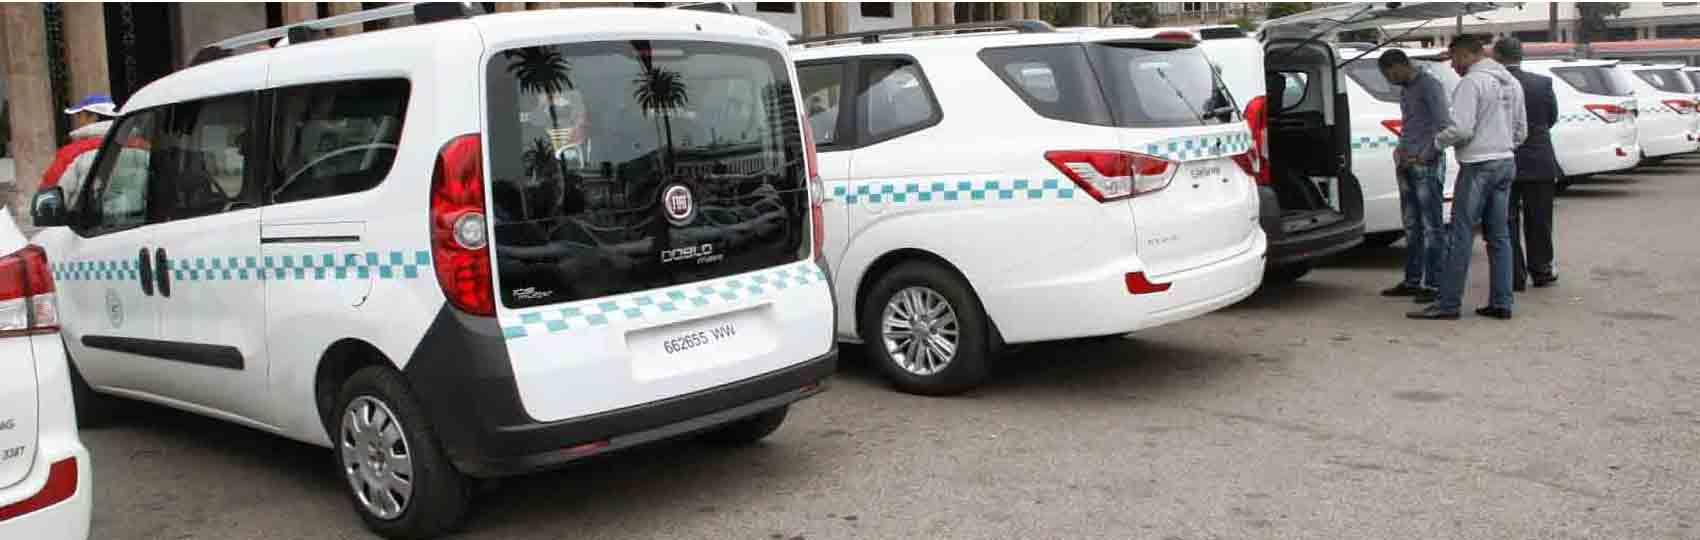 Noticias del sector del taxi y la movilidad en Marruecos. Mantente informado de todas las noticias del taxi de Marruecos en el grupo de Facebook de Todo Taxi.